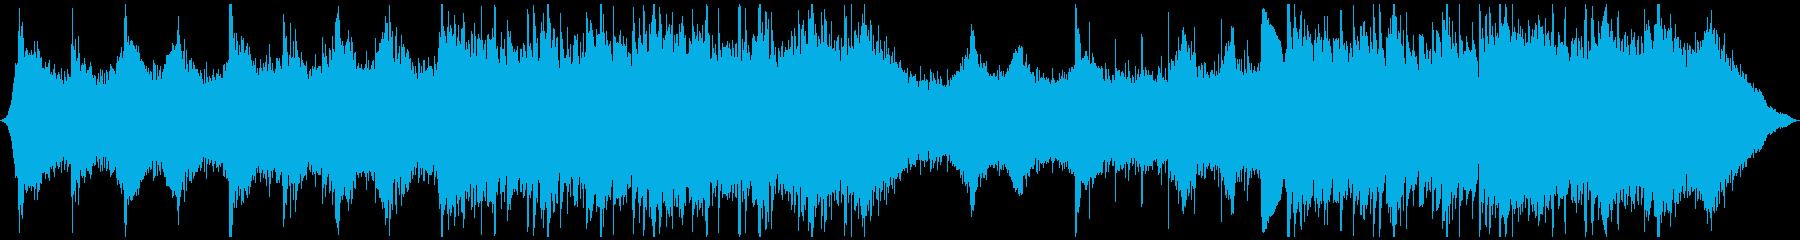 プロモーションビジネスオーケストラの背景の再生済みの波形